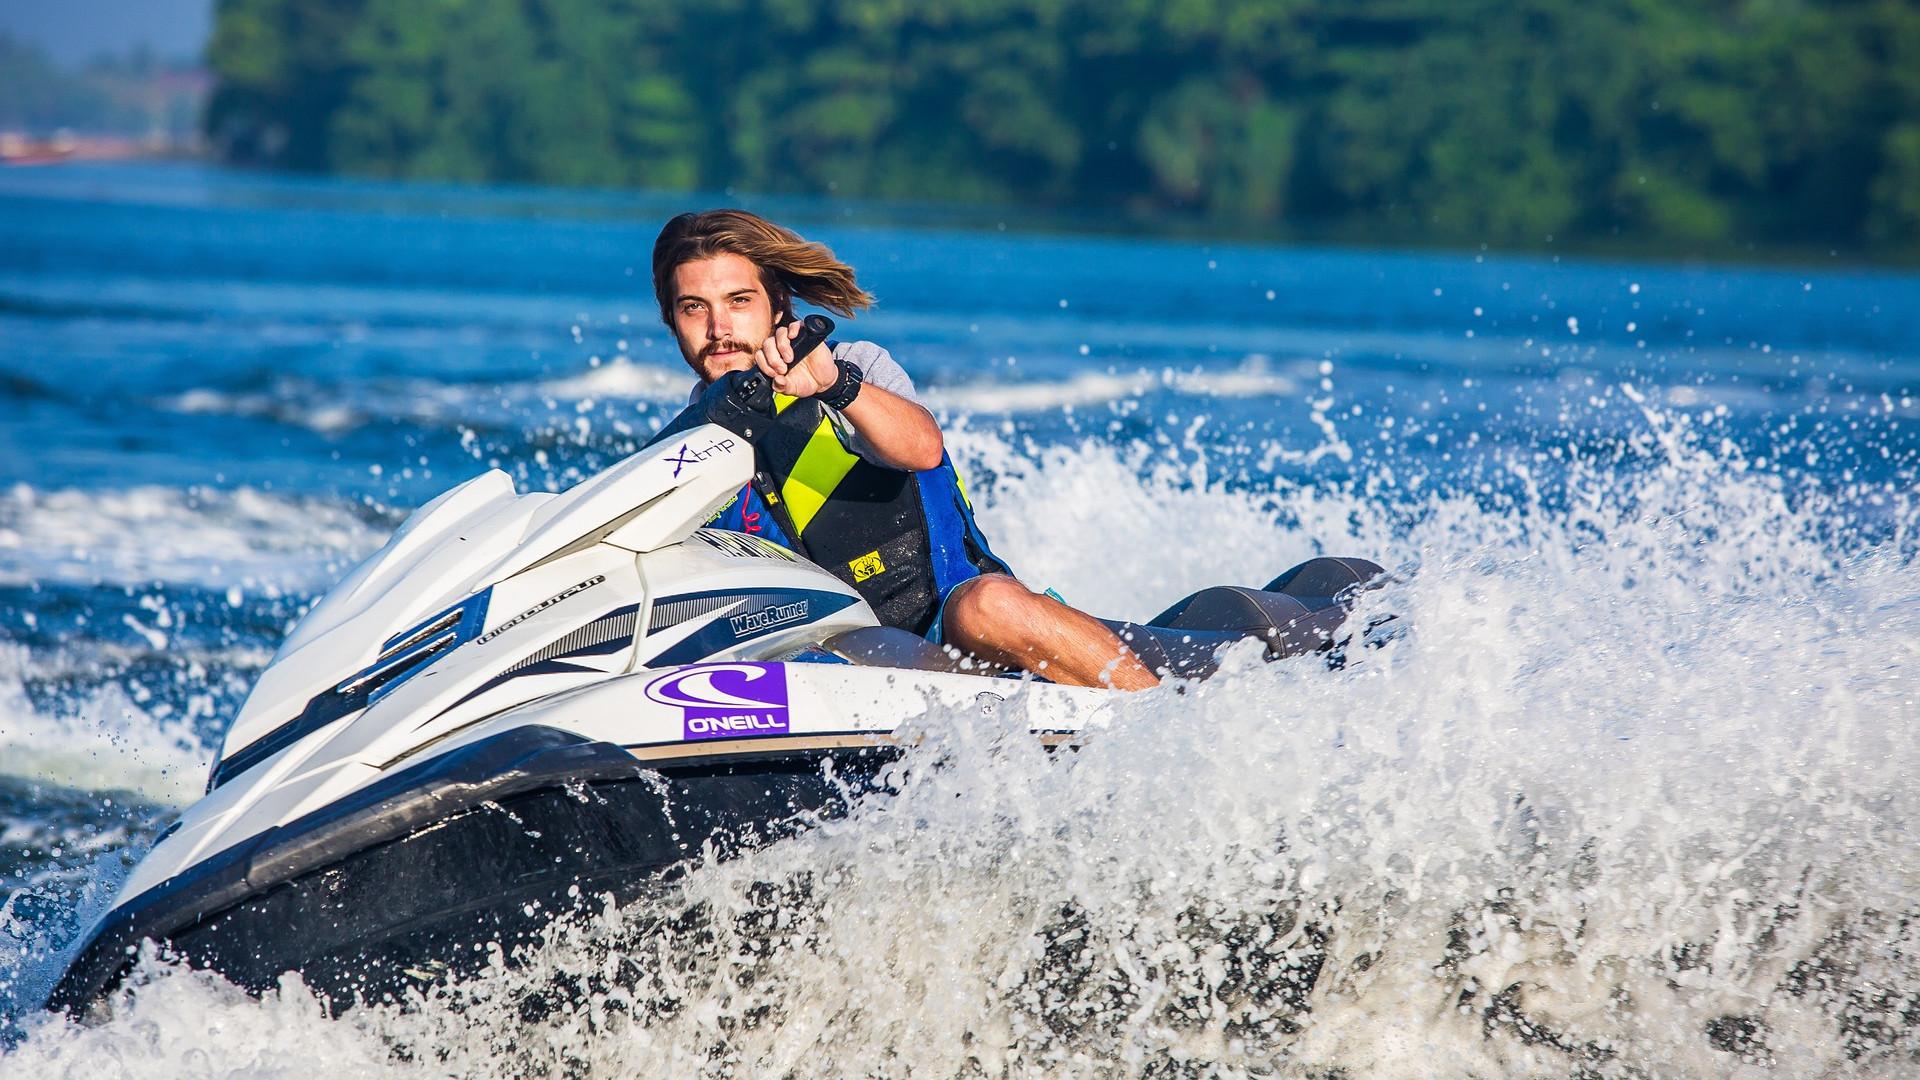 la-corse-pays-sports-nautiques.png